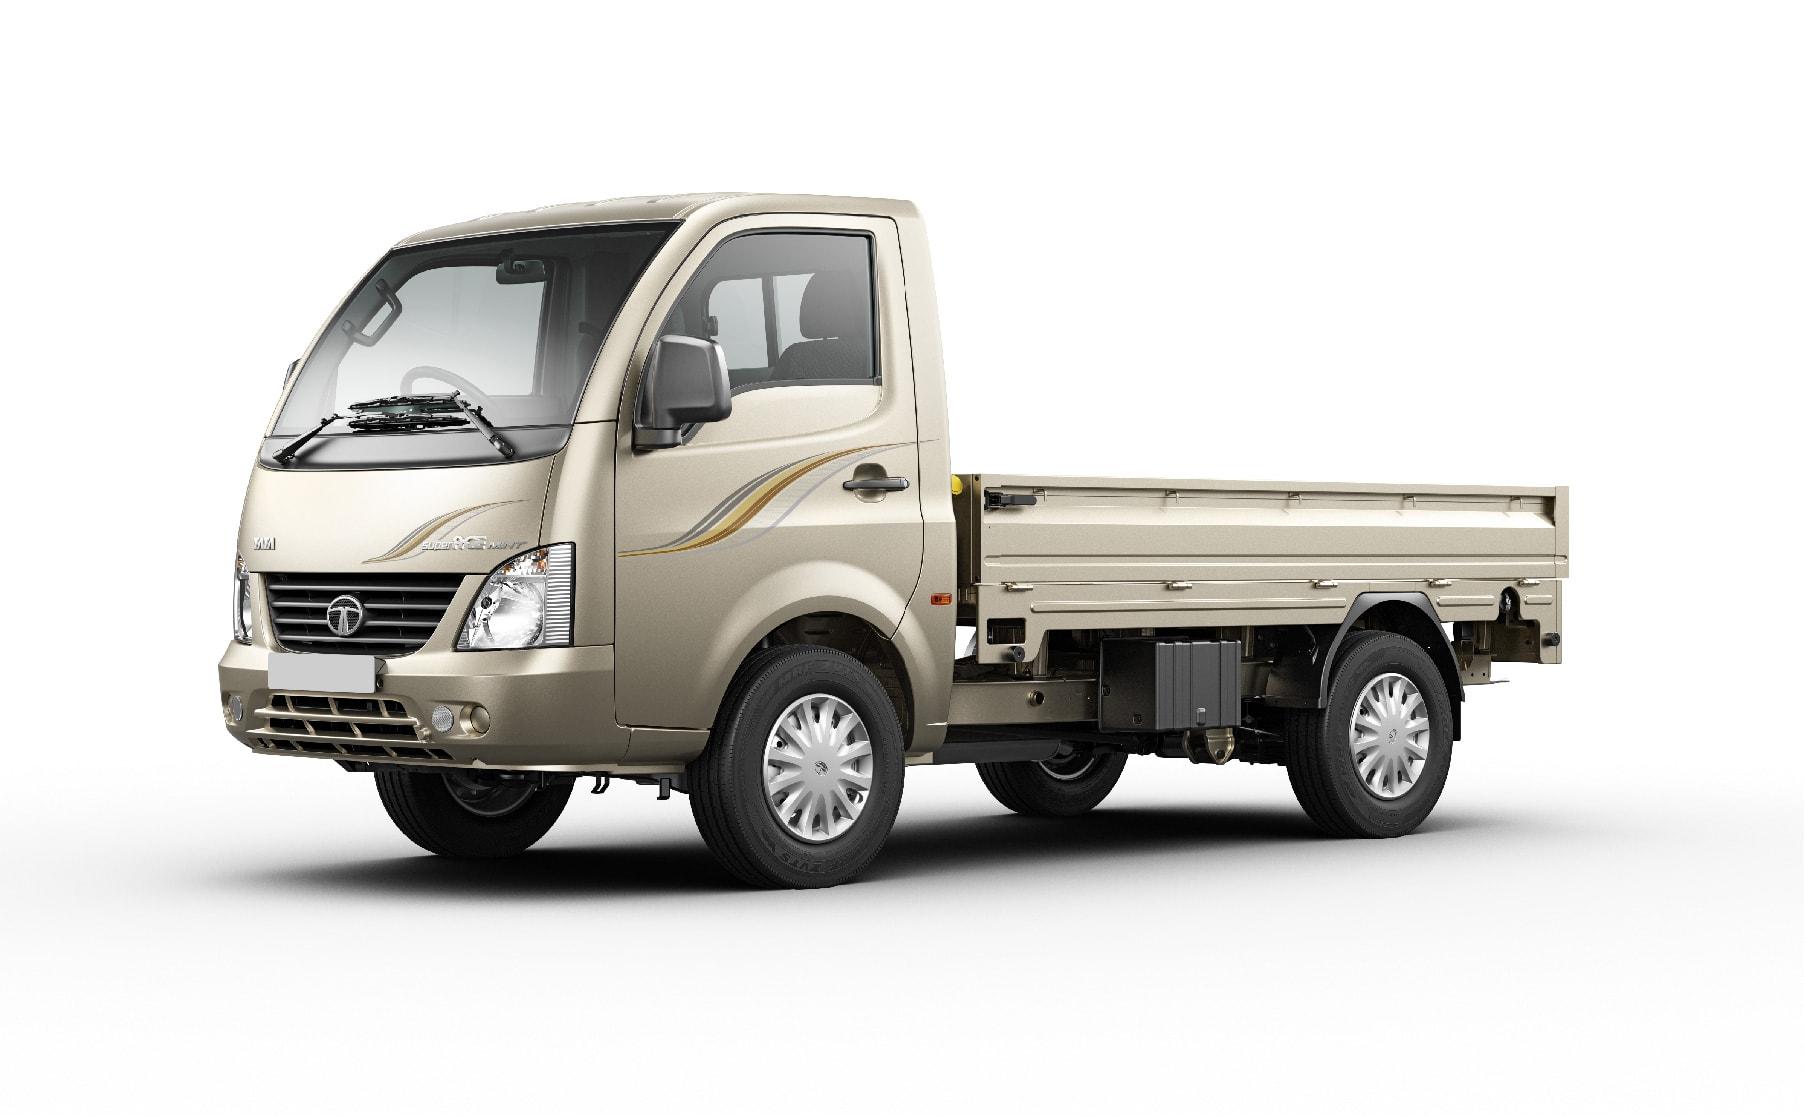 รีวิวรถบรรทุกขนาดเล็ก TATA ซูเปอร์ เอซ มินต์-04